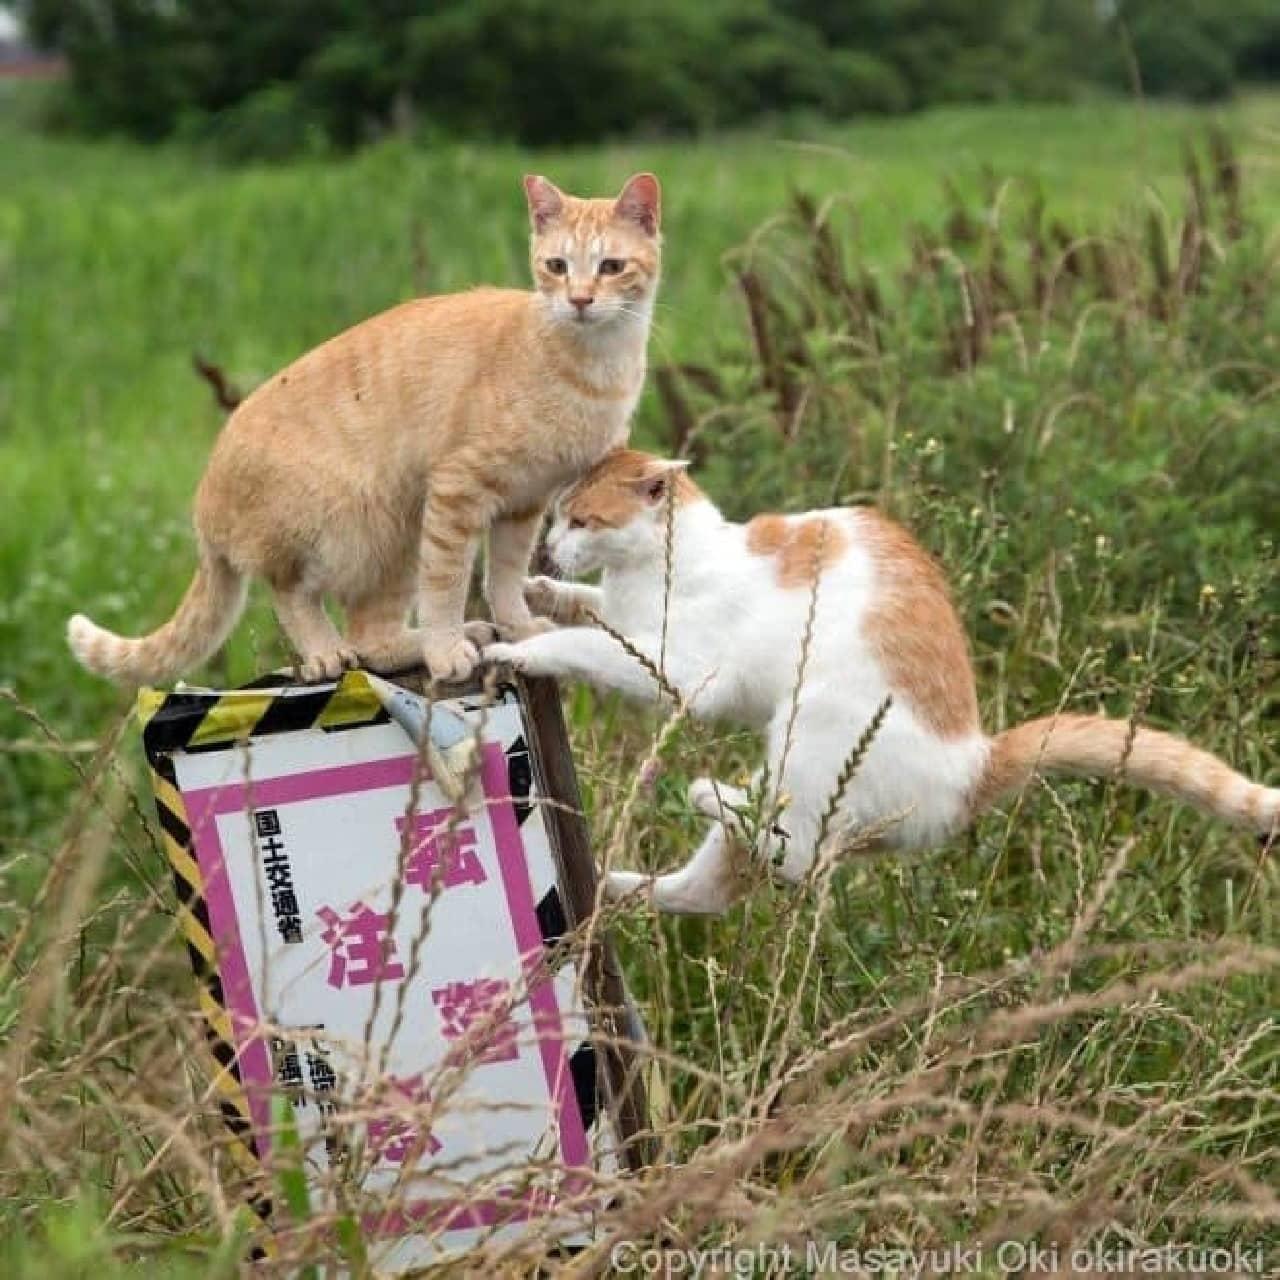 「残念すぎるネコ」って、どんなネコ?-「必死すぎるネコ」でブレイクした沖昌之さんの新作写真集発売